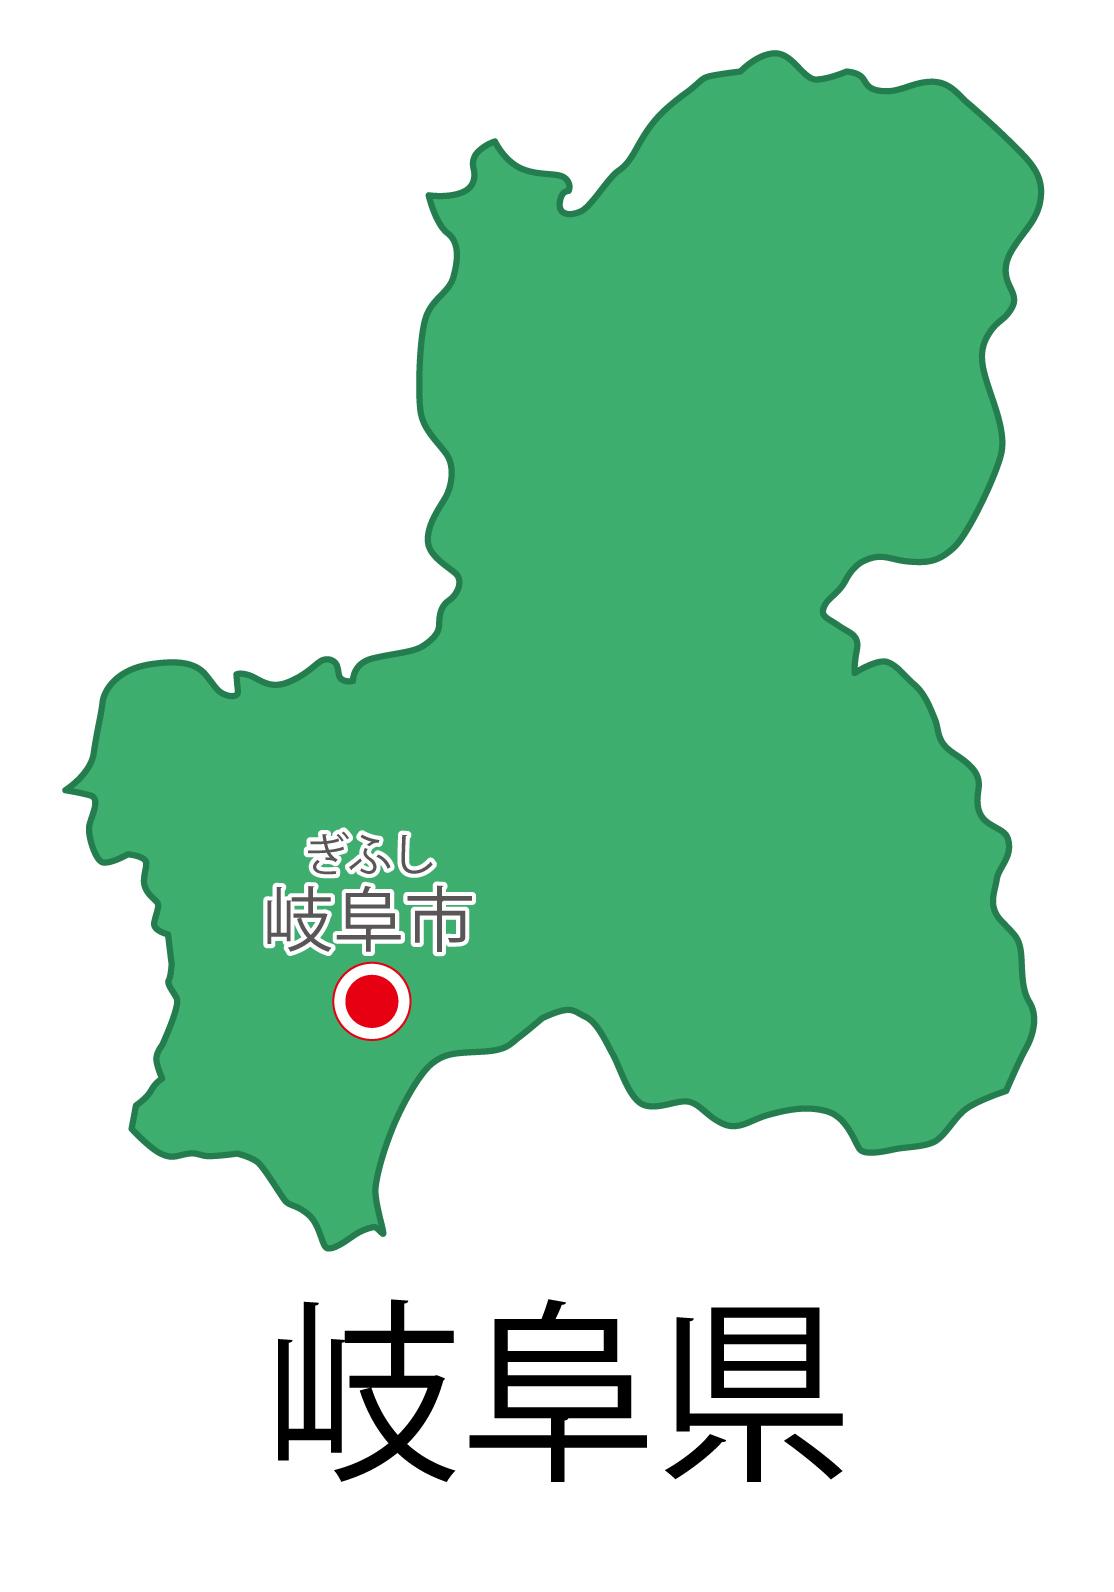 岐阜県無料フリーイラスト|日本語・都道府県名あり・県庁所在地あり・ルビあり(緑)